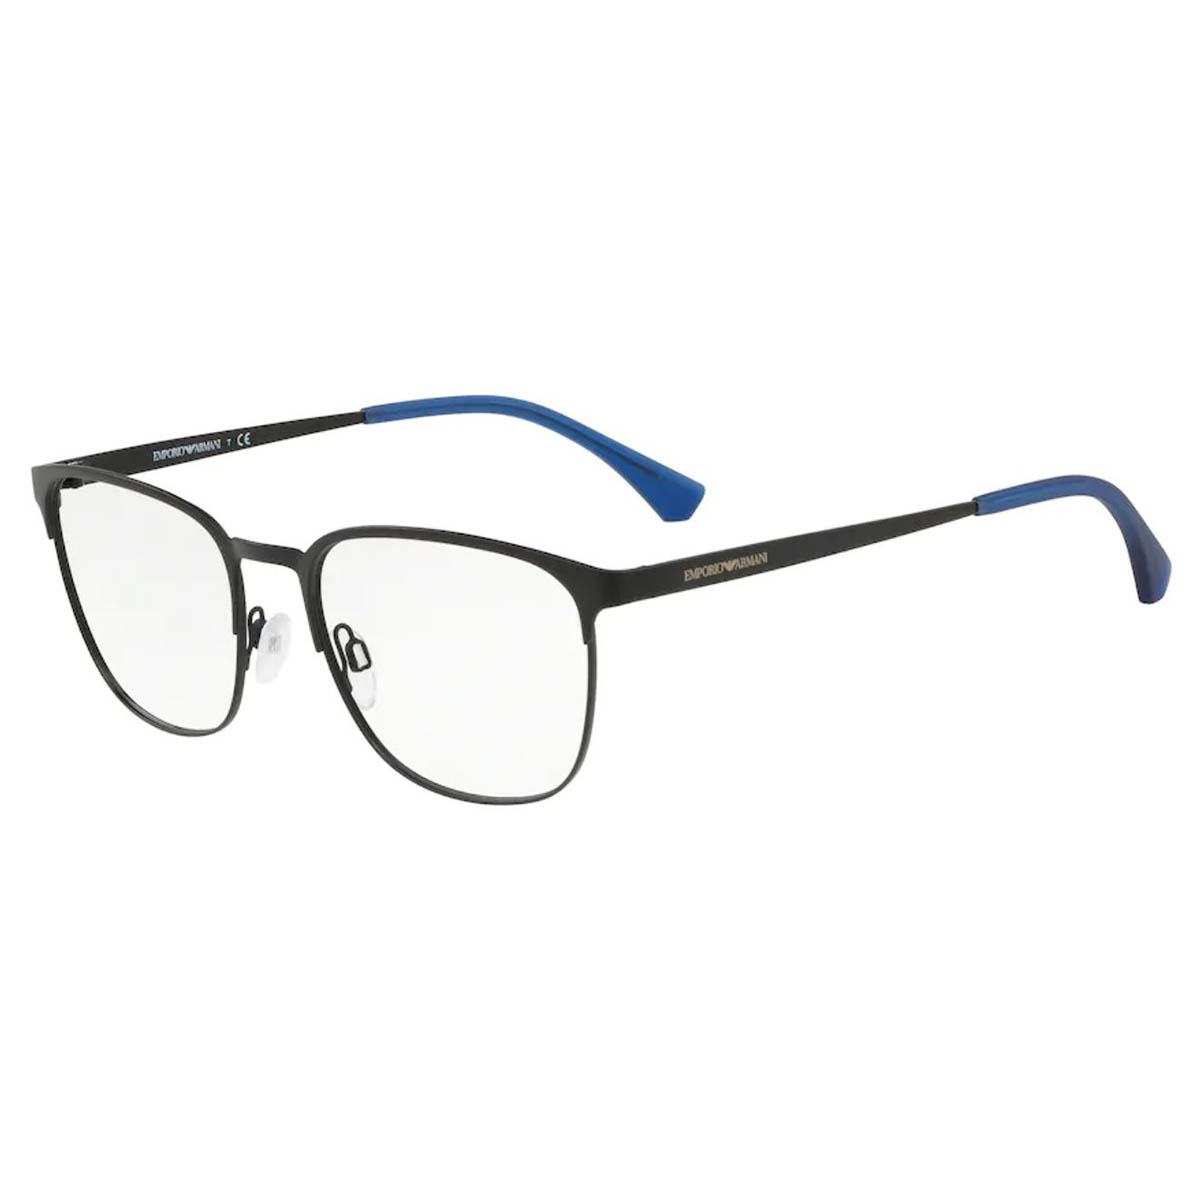 Óculos de Grau Empório Armani EA1081 Metal Preto Fosco